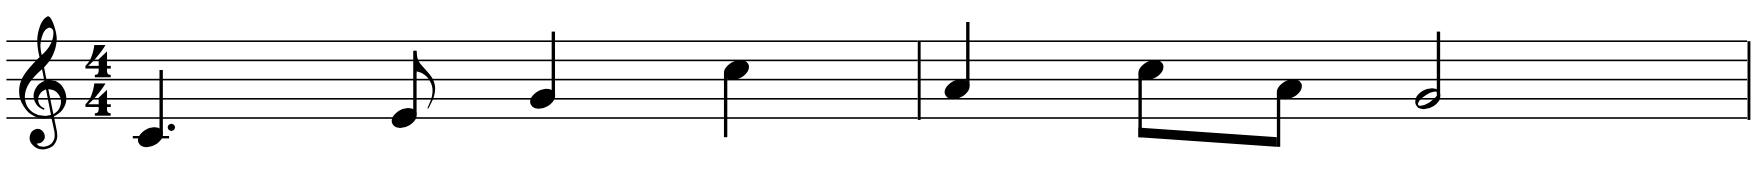 """Noter Til """"alle Fugler Små De Er"""" (rytme Og Melodi)"""